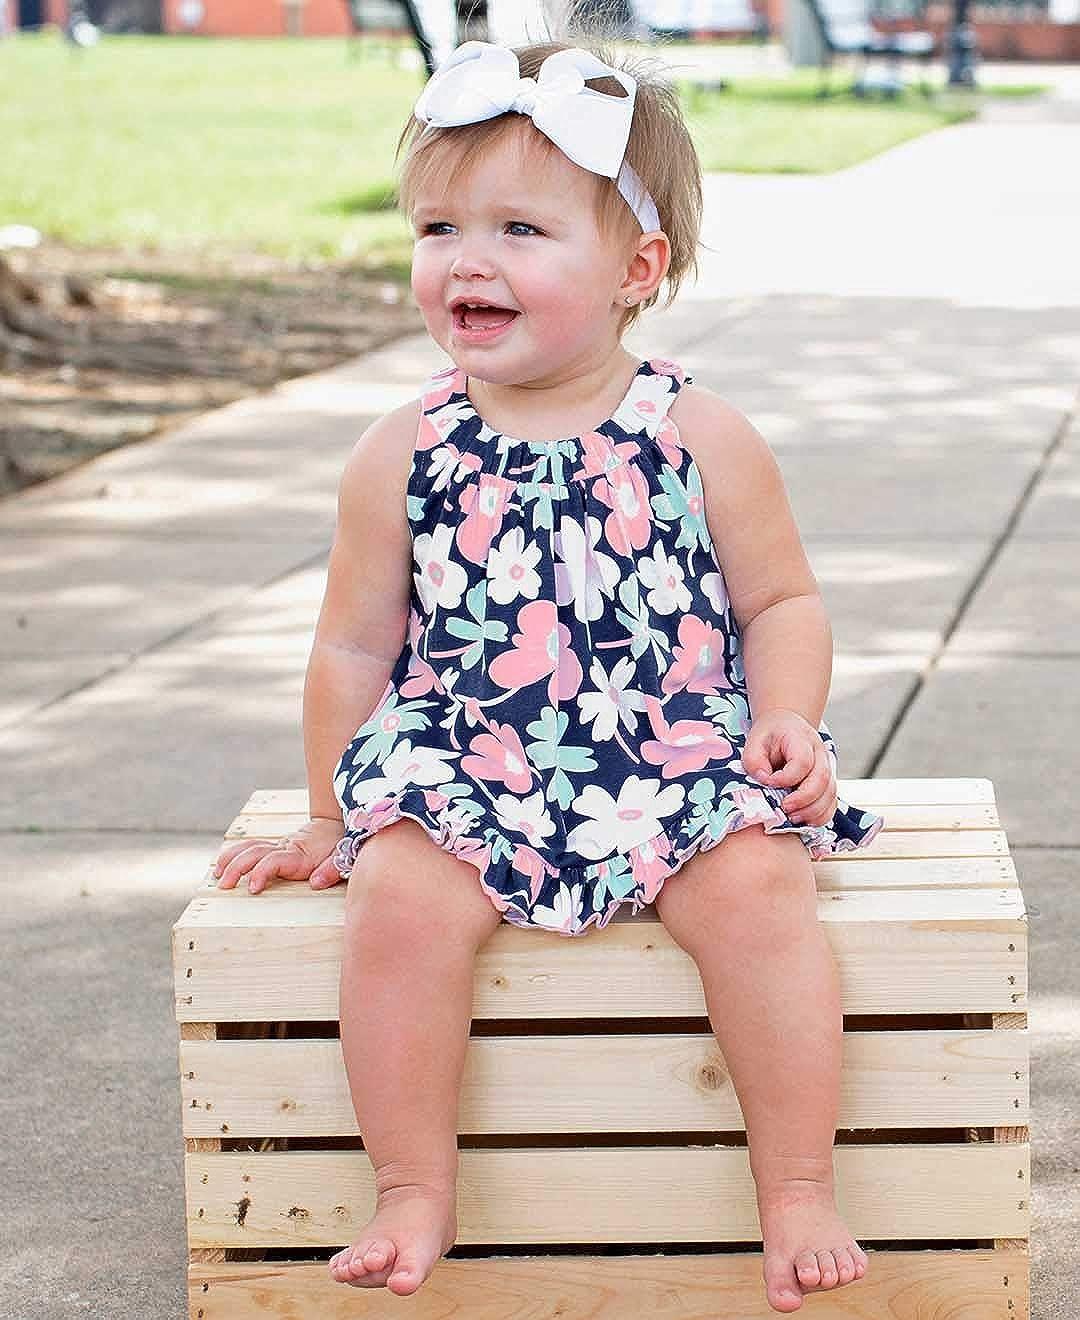 2b5daefa Amazon.com: RuffleButts Baby/Toddler Girls Knit Open-Back Ruffle Swing Top:  Clothing